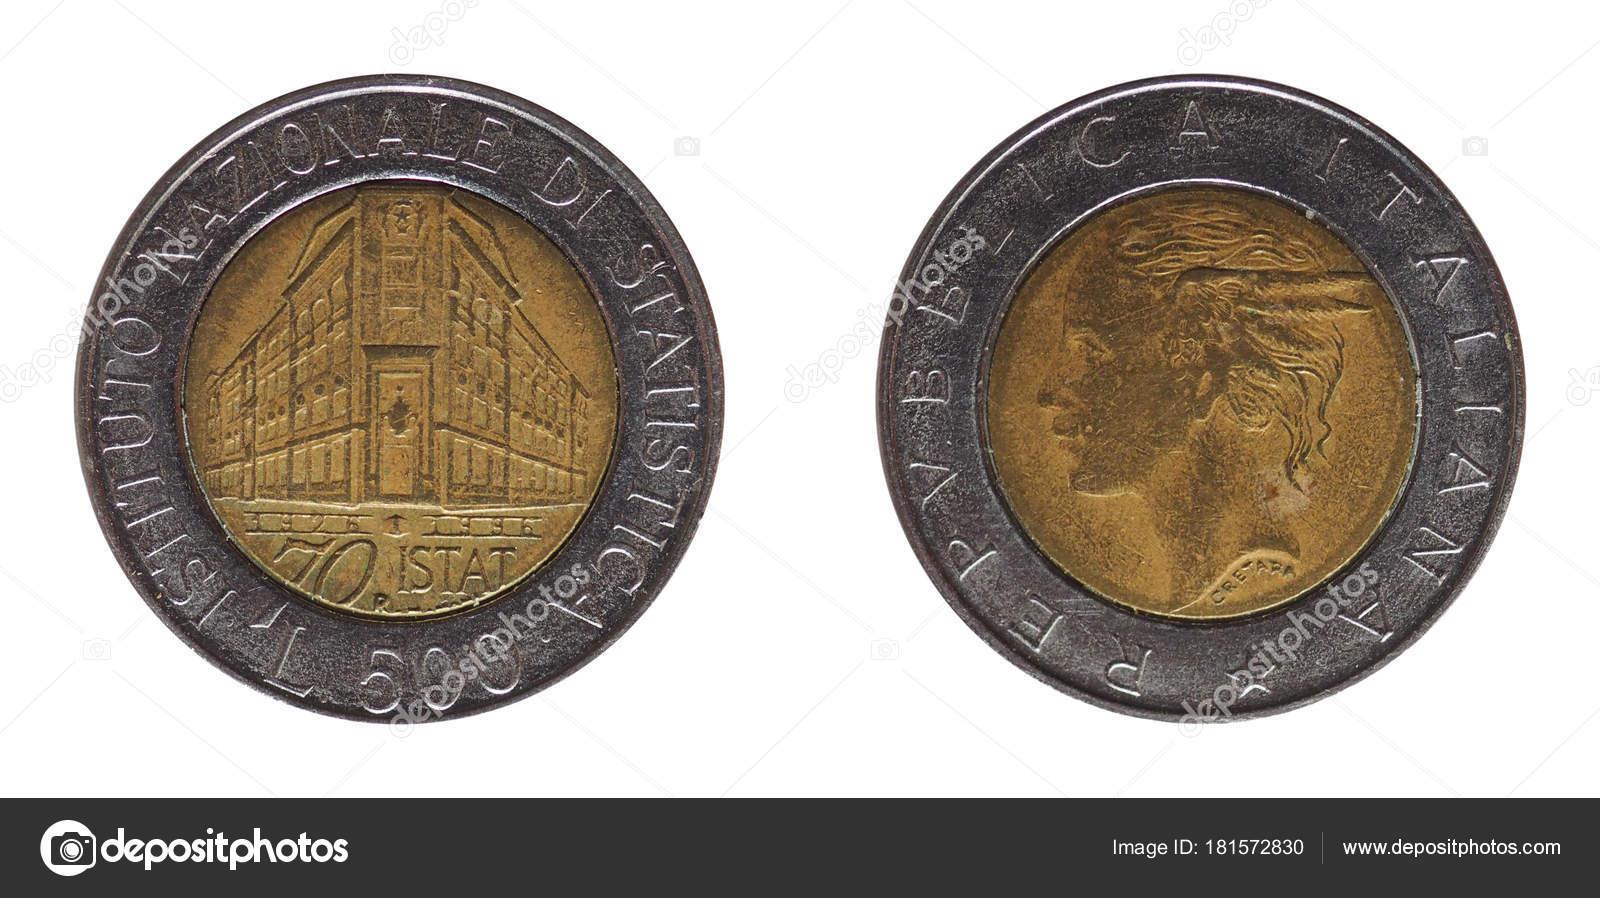 500 Lire Münze Geld Itl Währung Italiens Istituto Nazionale